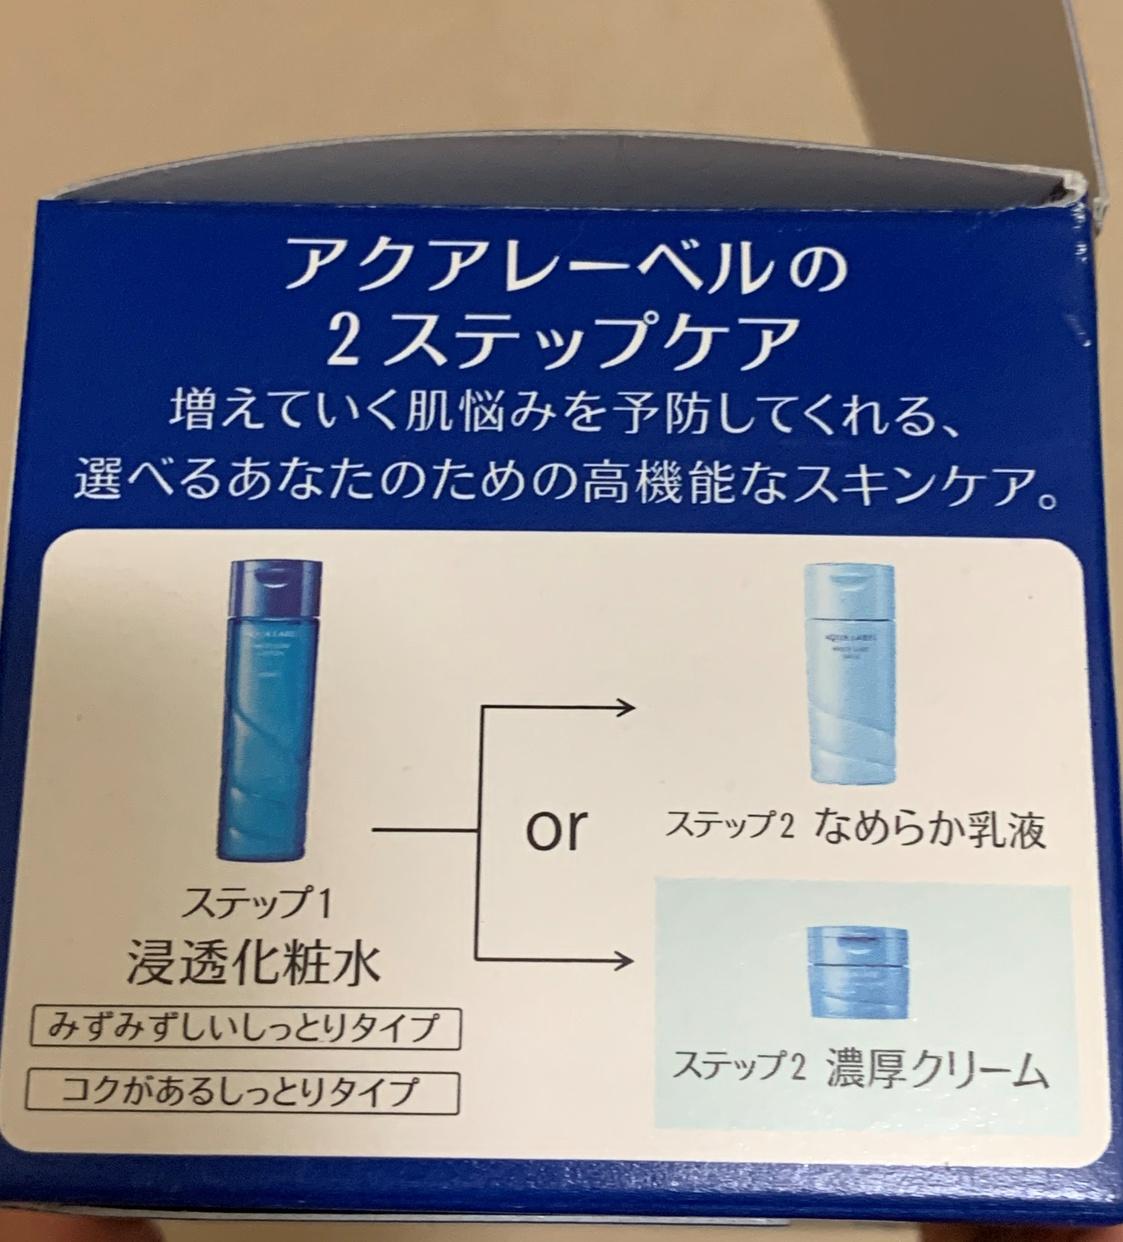 AQUALABEL(アクアレーベル)ホワイトケア クリームを使ったshizukuさんのクチコミ画像2